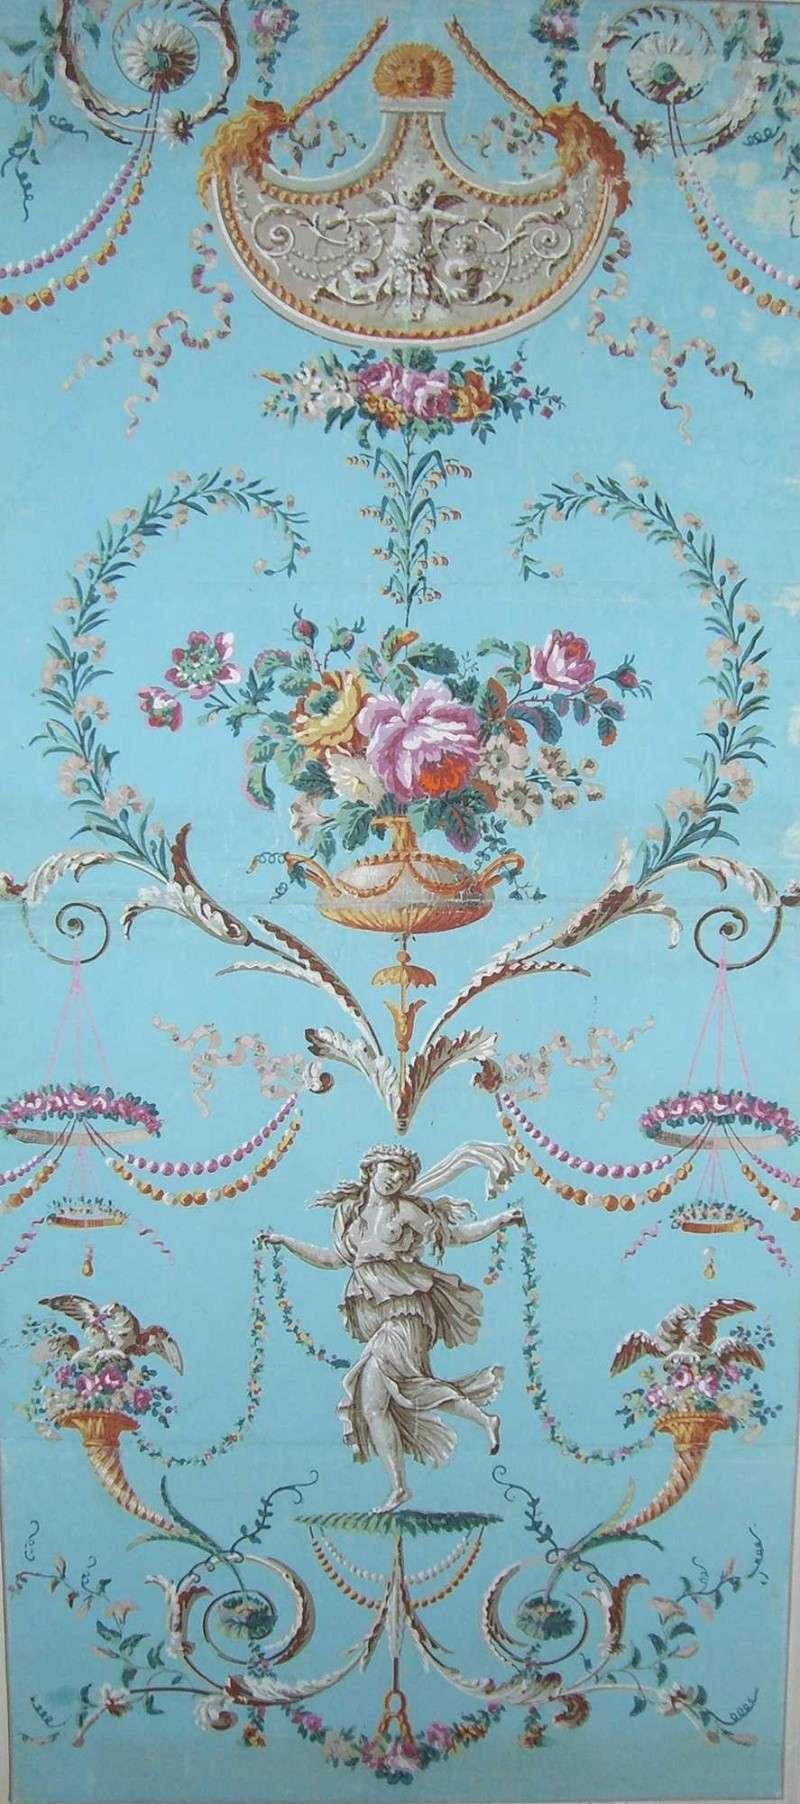 Papiers peints de r ve - Papier peint motif paris ...